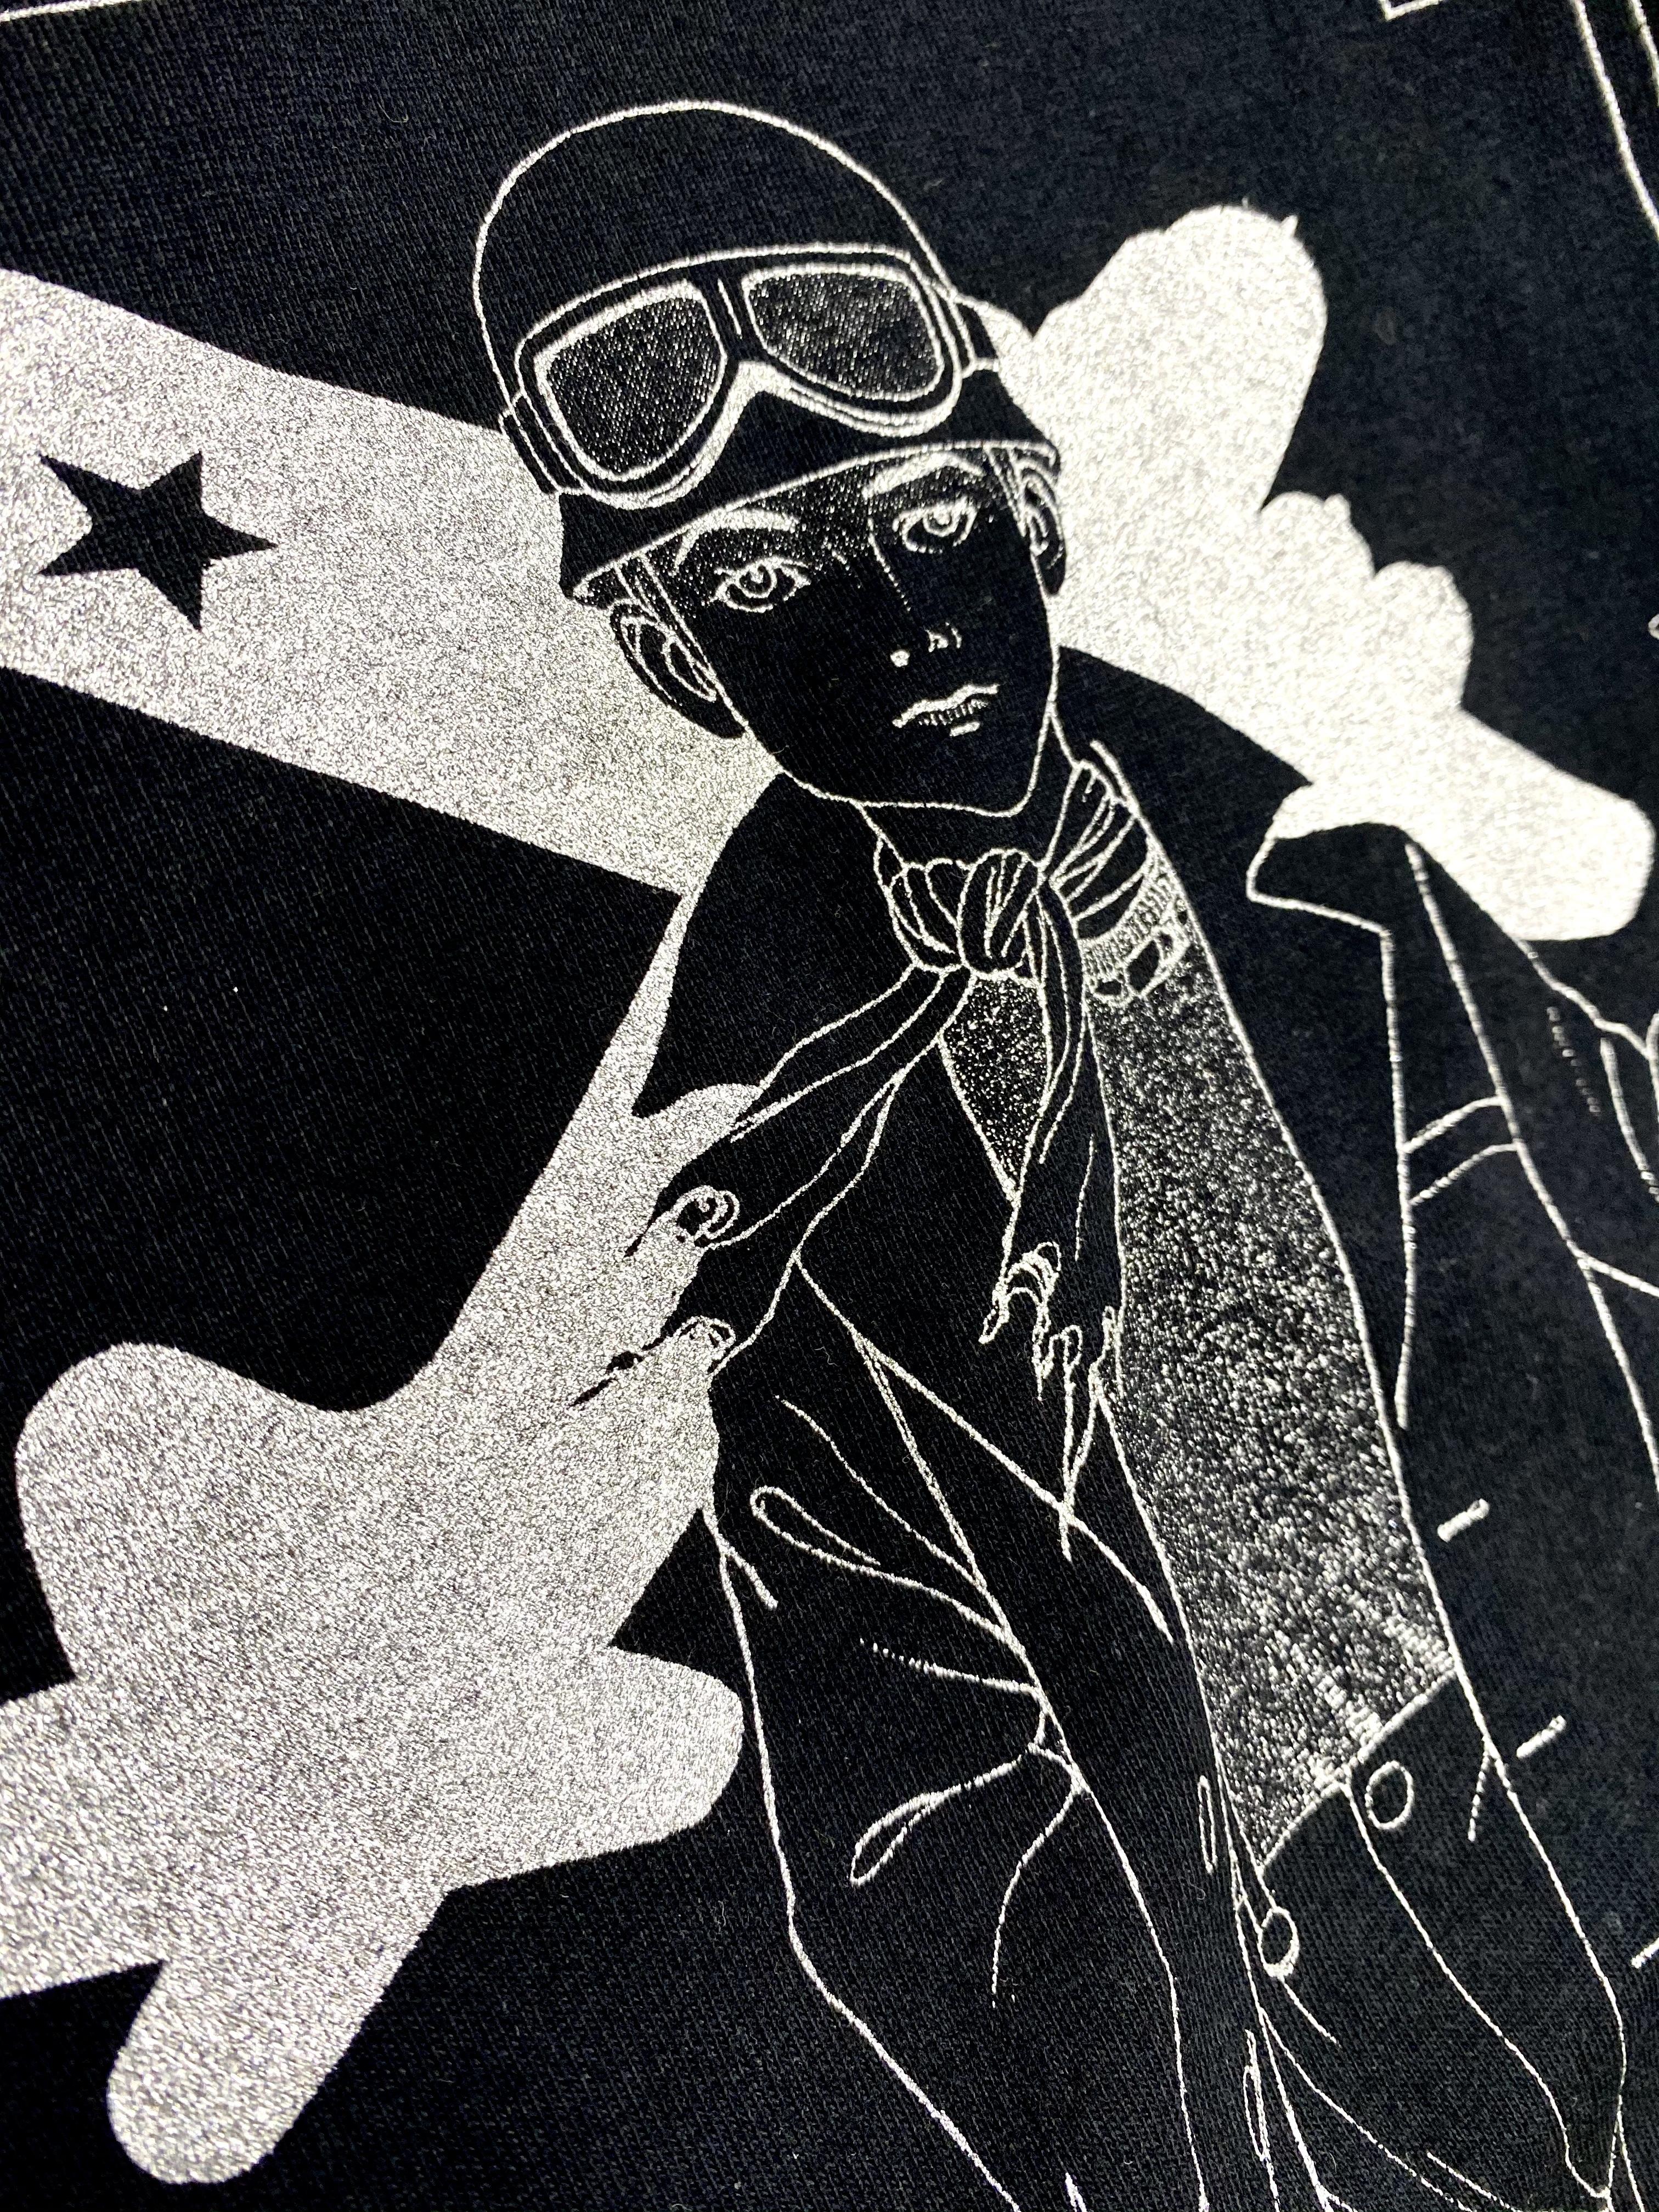 【ビーム25周年描き下ろし企画】丸尾末広「戦災バガボン」パーカー